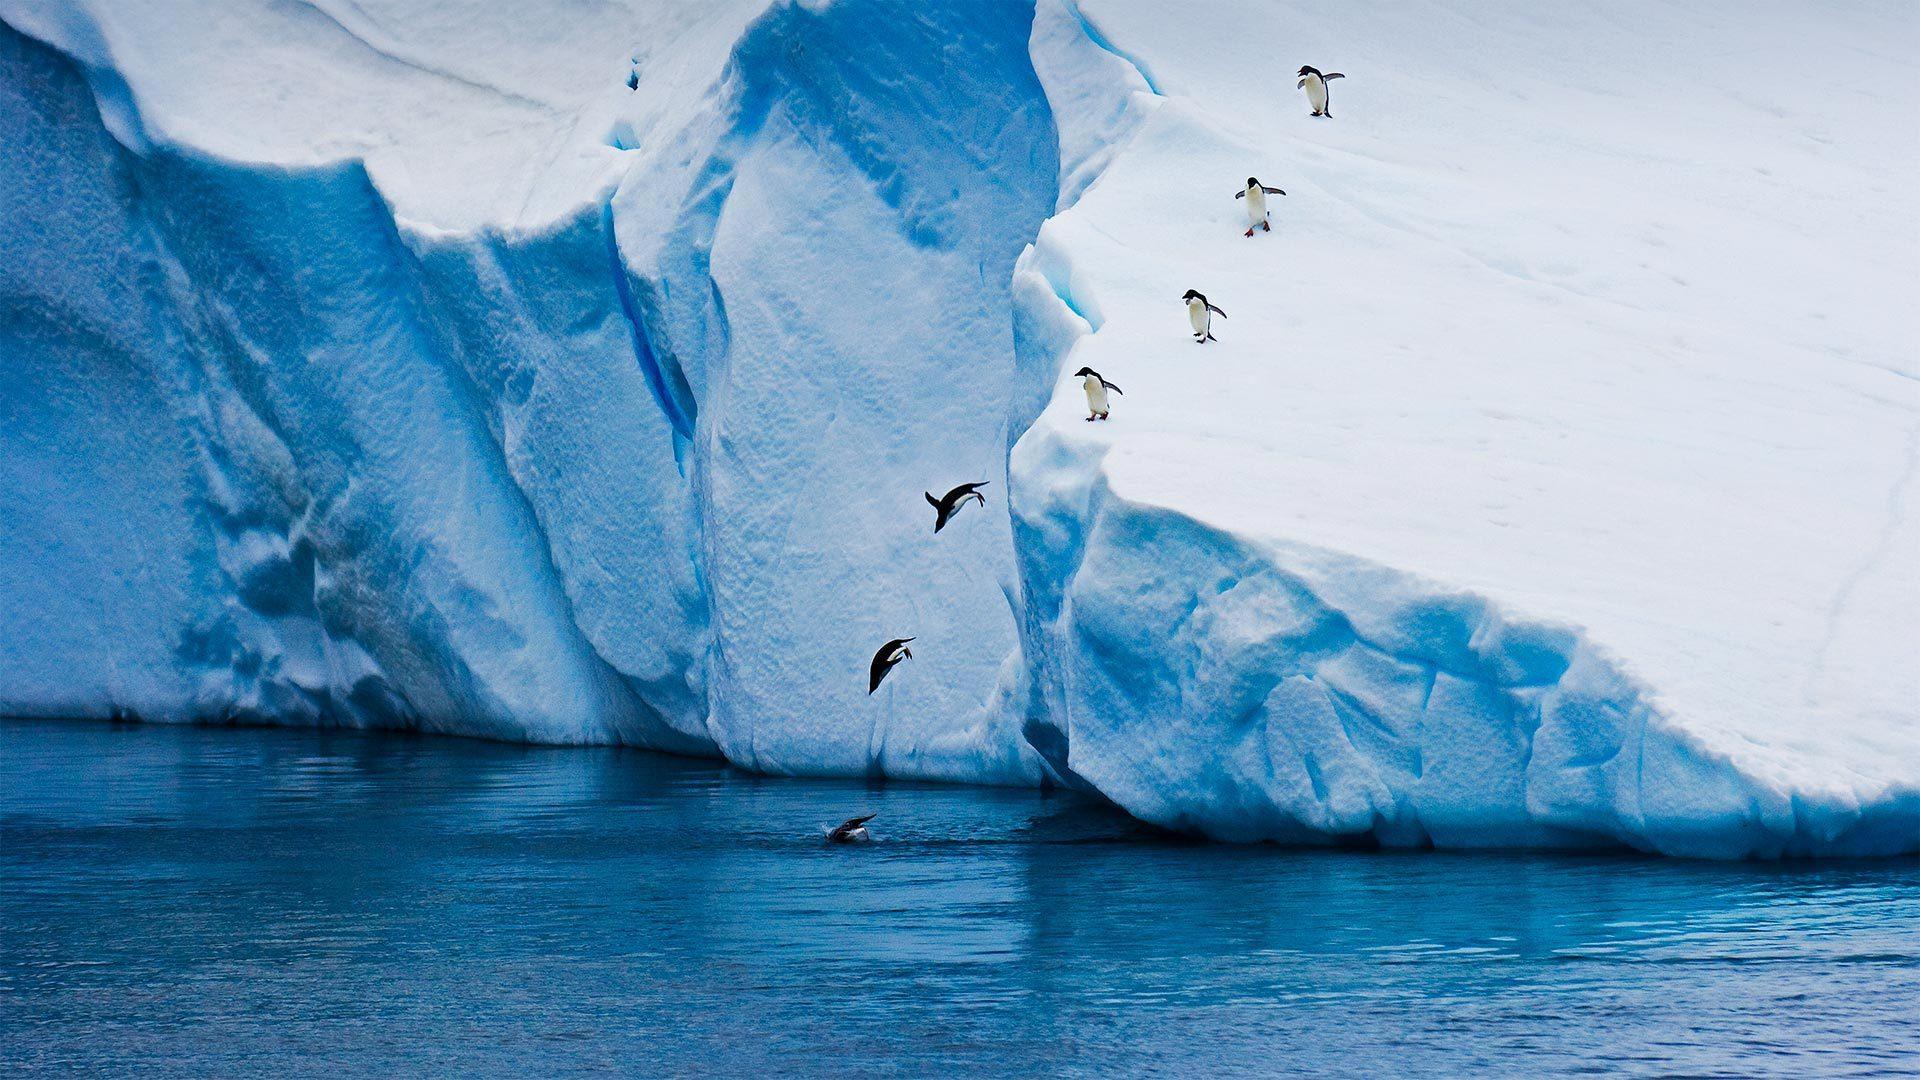 从冰山跃入水中的阿德利企鹅阿德利企鹅